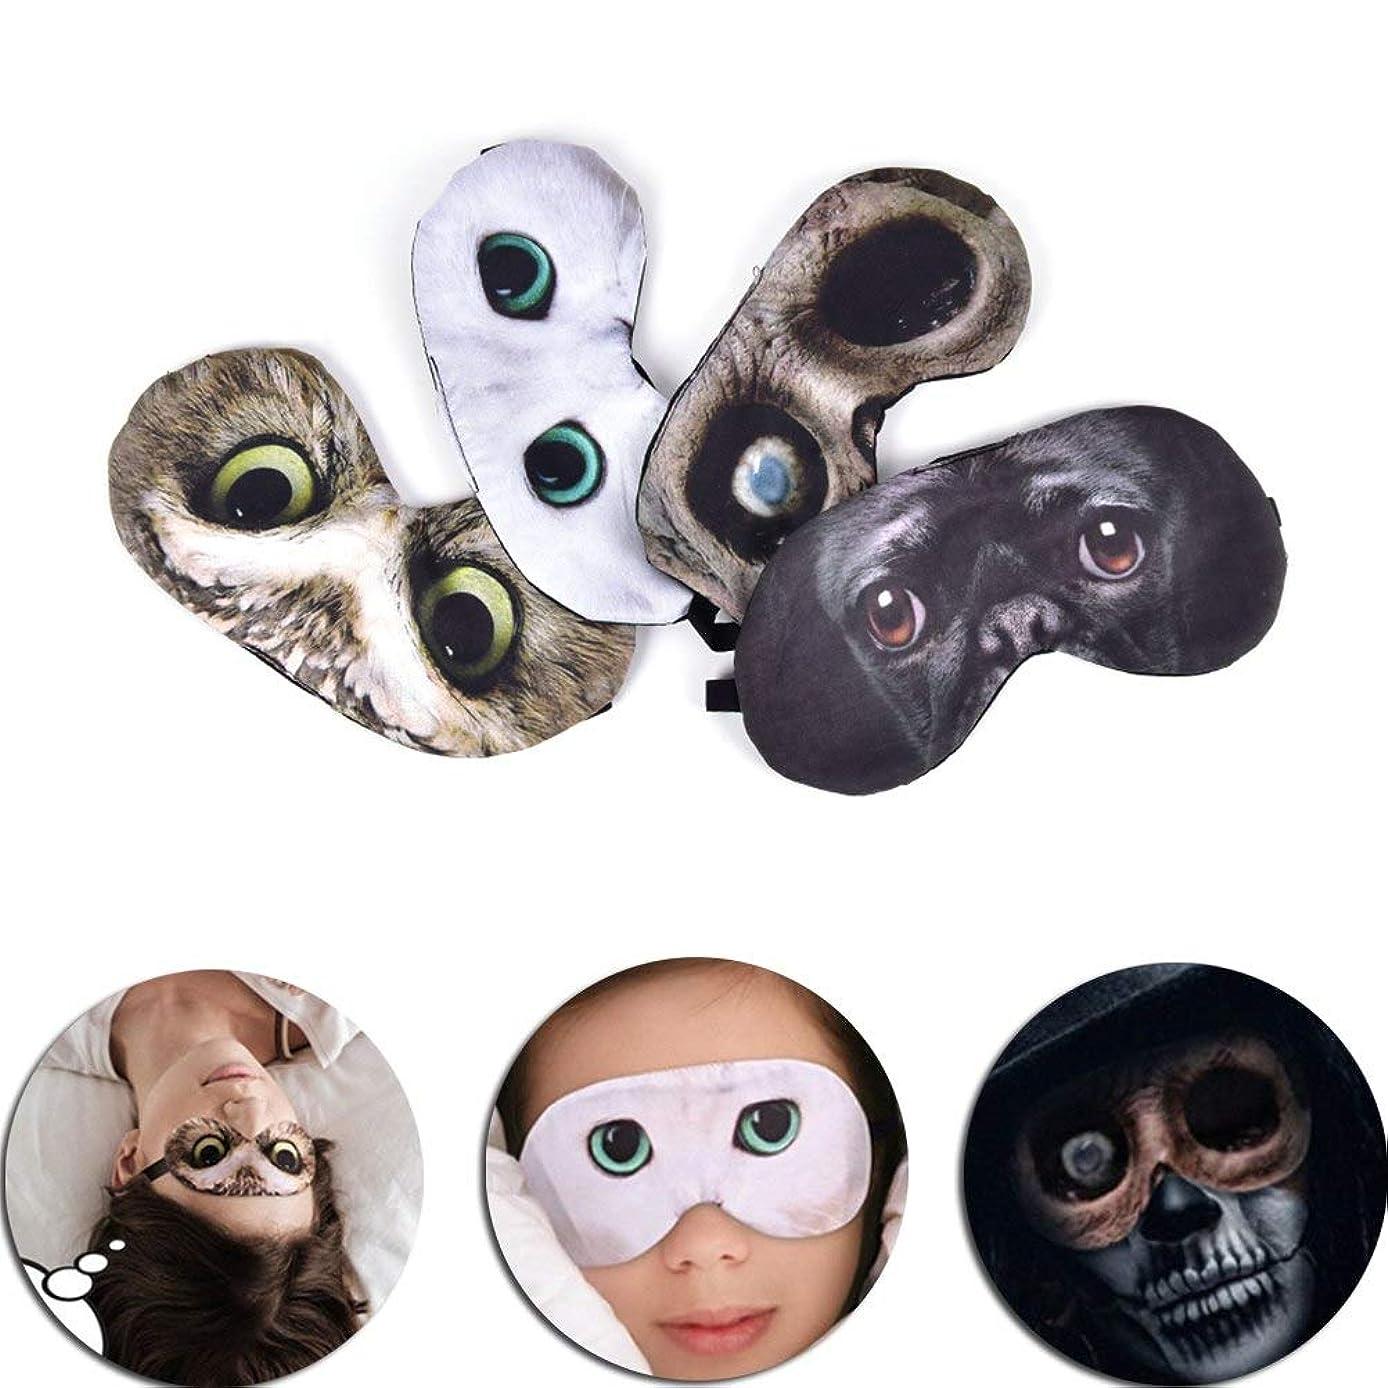 あなたは精通したレディNOTE 3dアイシェード猫睡眠マスク睡眠マスク休息リラックス寝具目隠しアイスカバーアイパッチケースコスプレ旅行アイパッチ